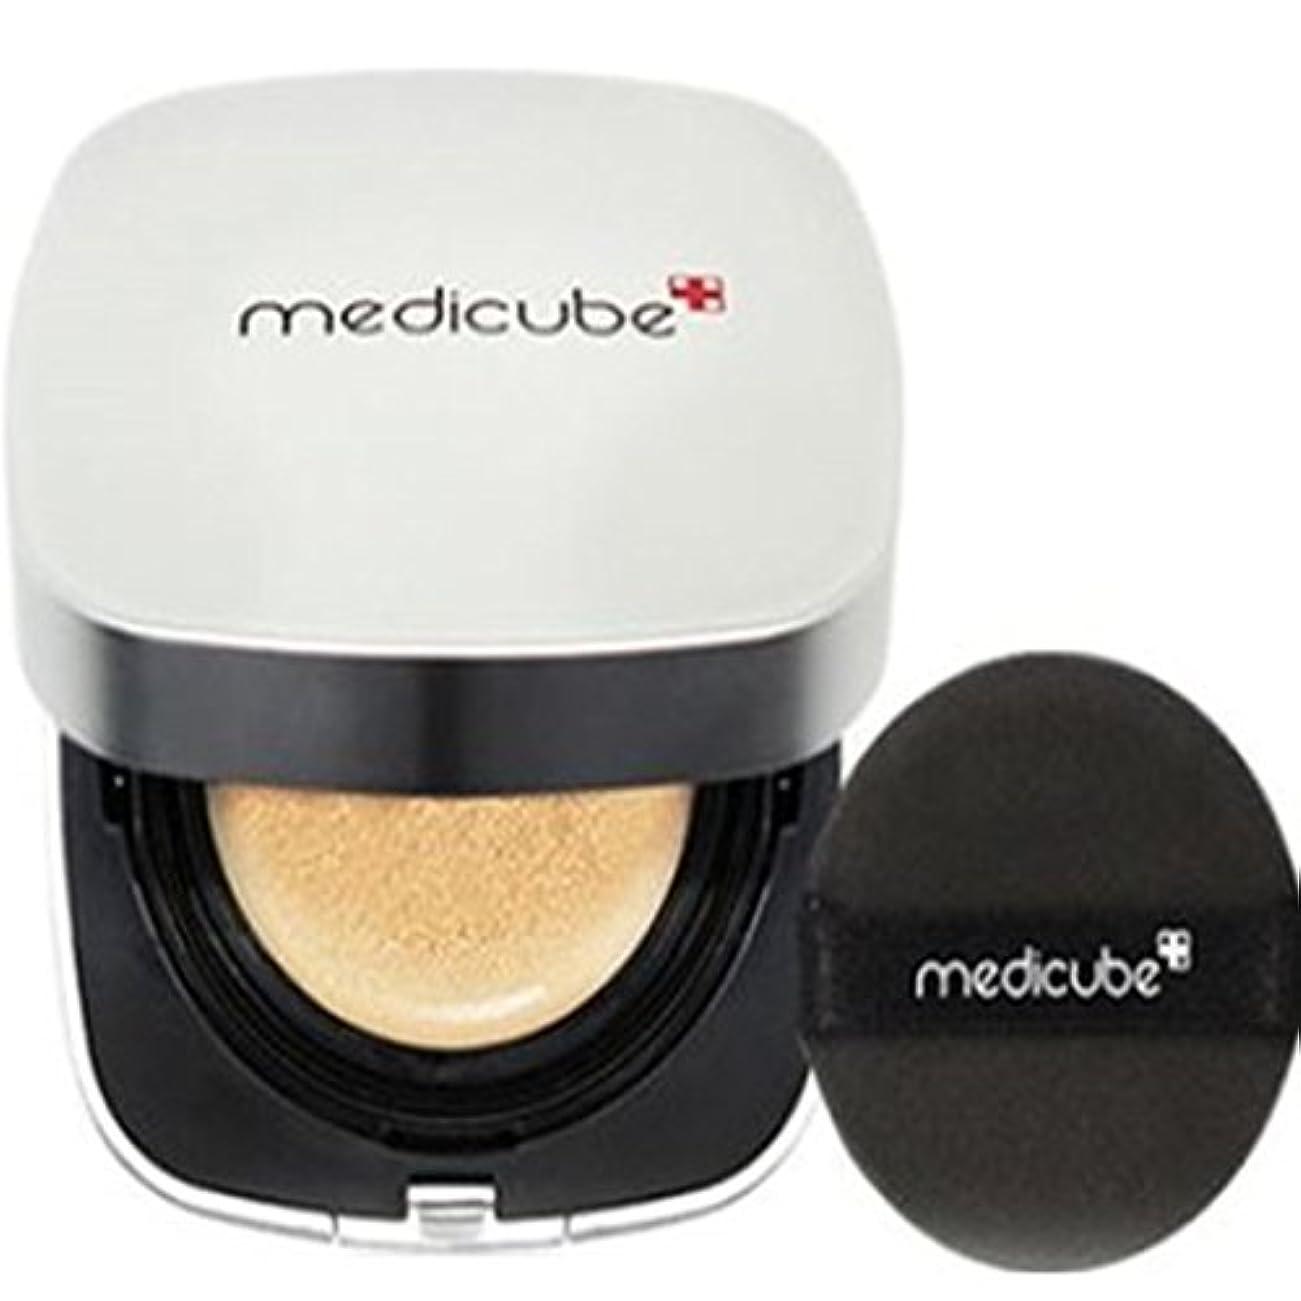 考古学的な発表コア[Medicube メディキューブ] レッドクッション - シェード21号ライトベージュ / Red Cushion - Shade 21 Light Beige [並行輸入品]